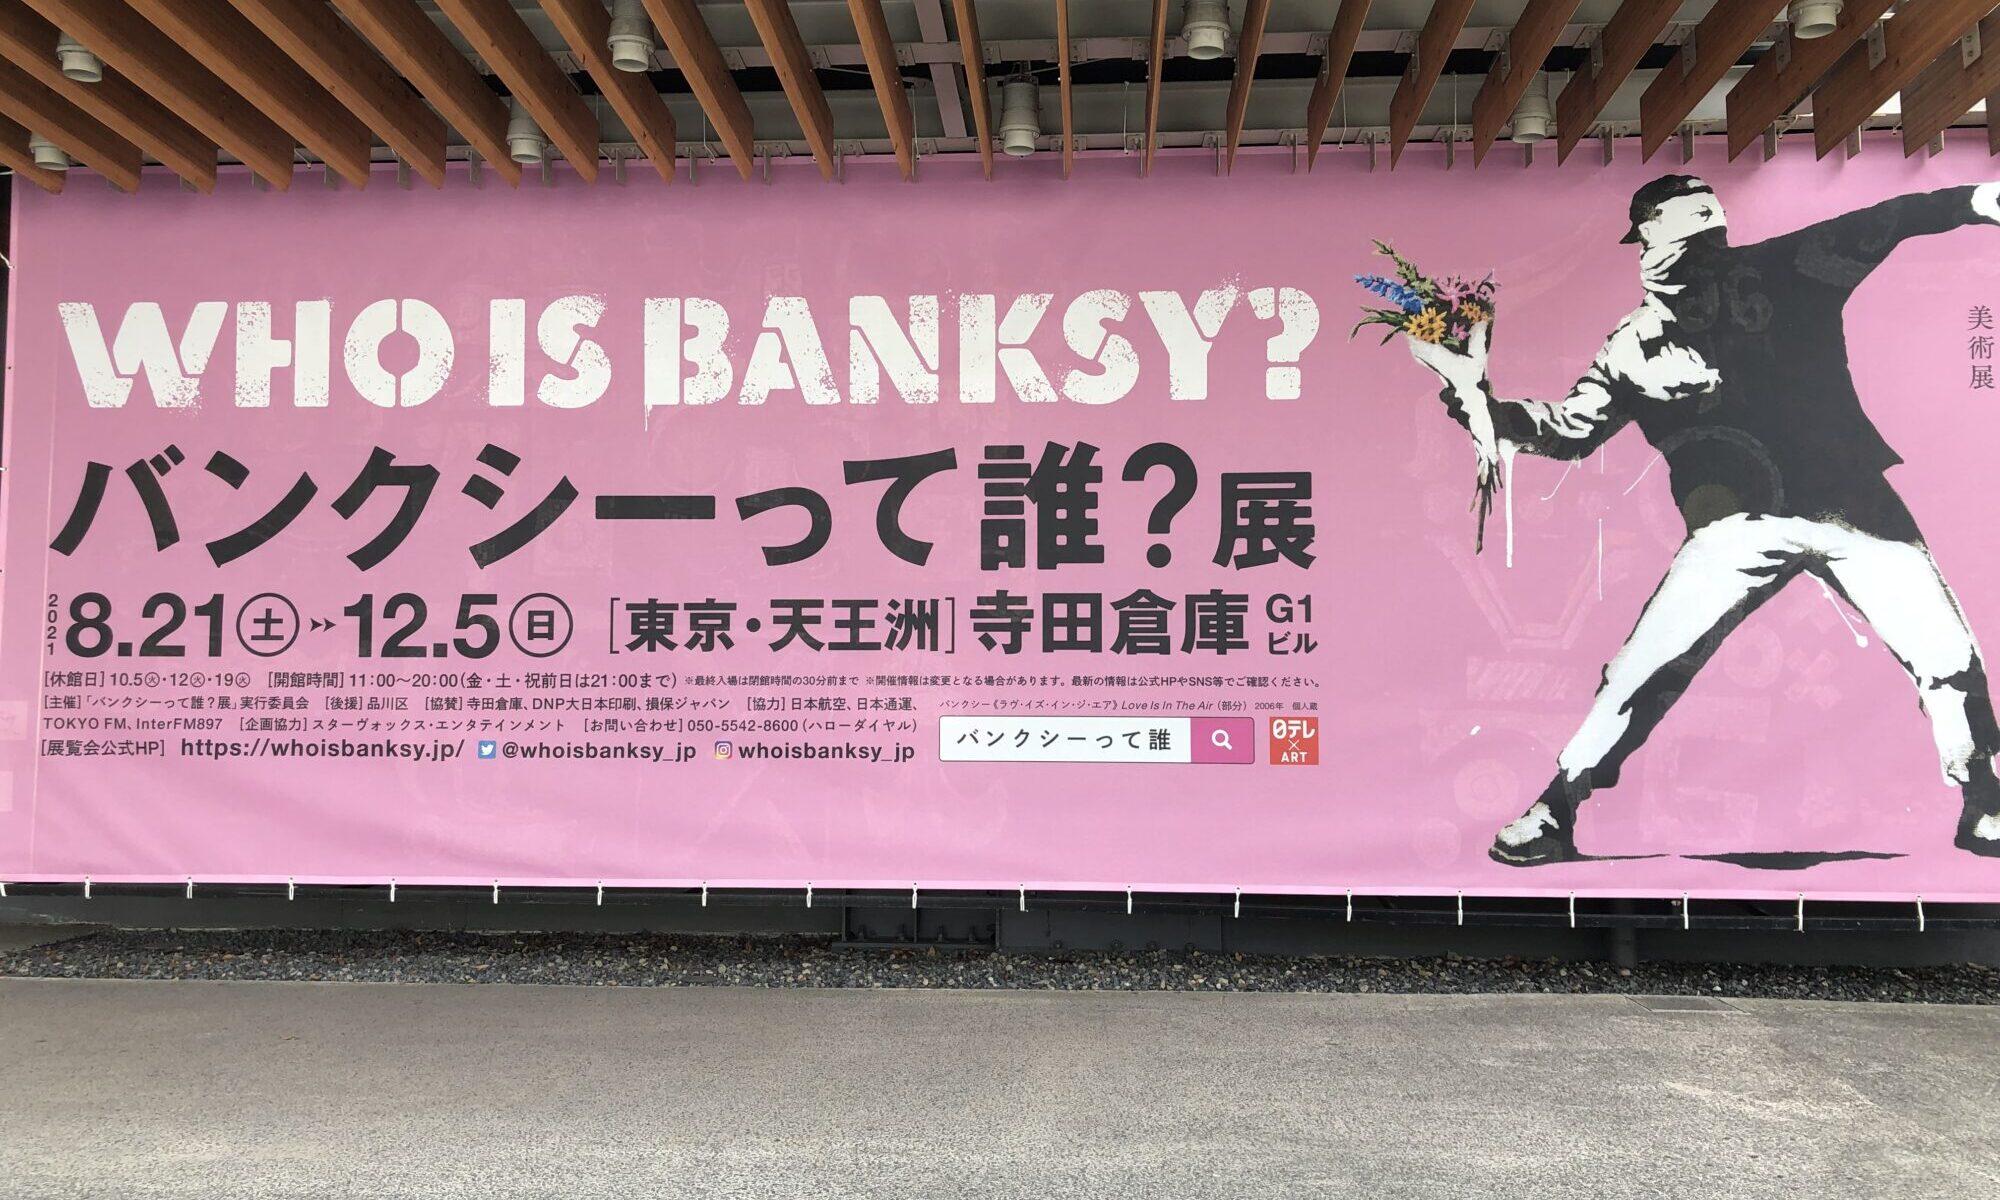 バンクシーって誰?